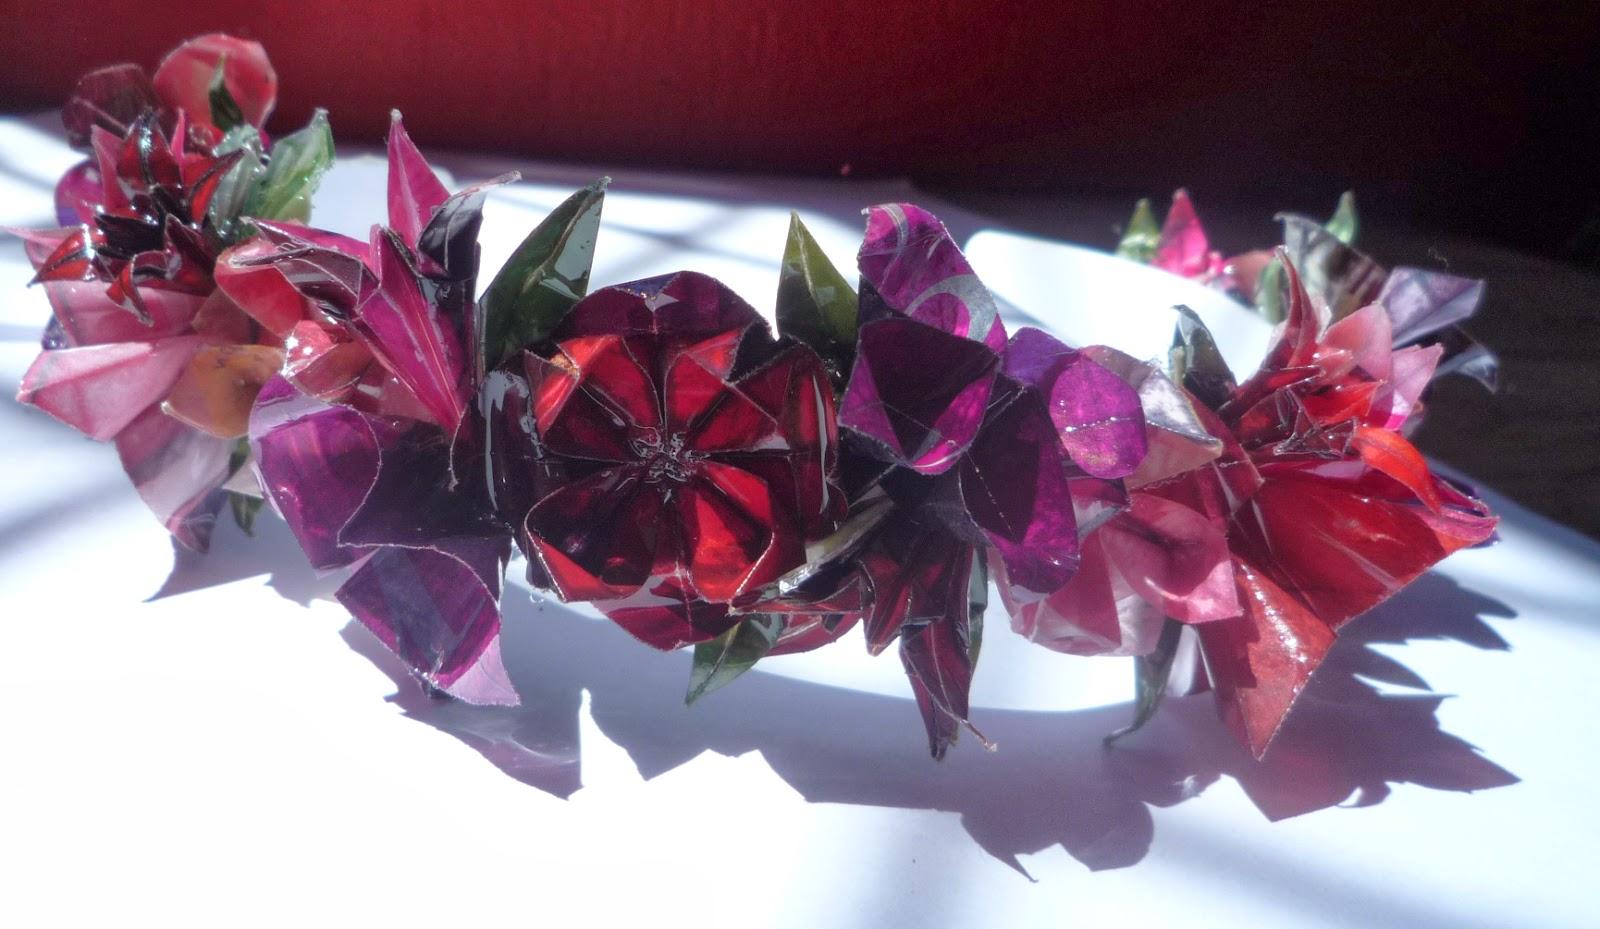 Diademas papel origami y tela reciclaje botellas - Papel y telas ...